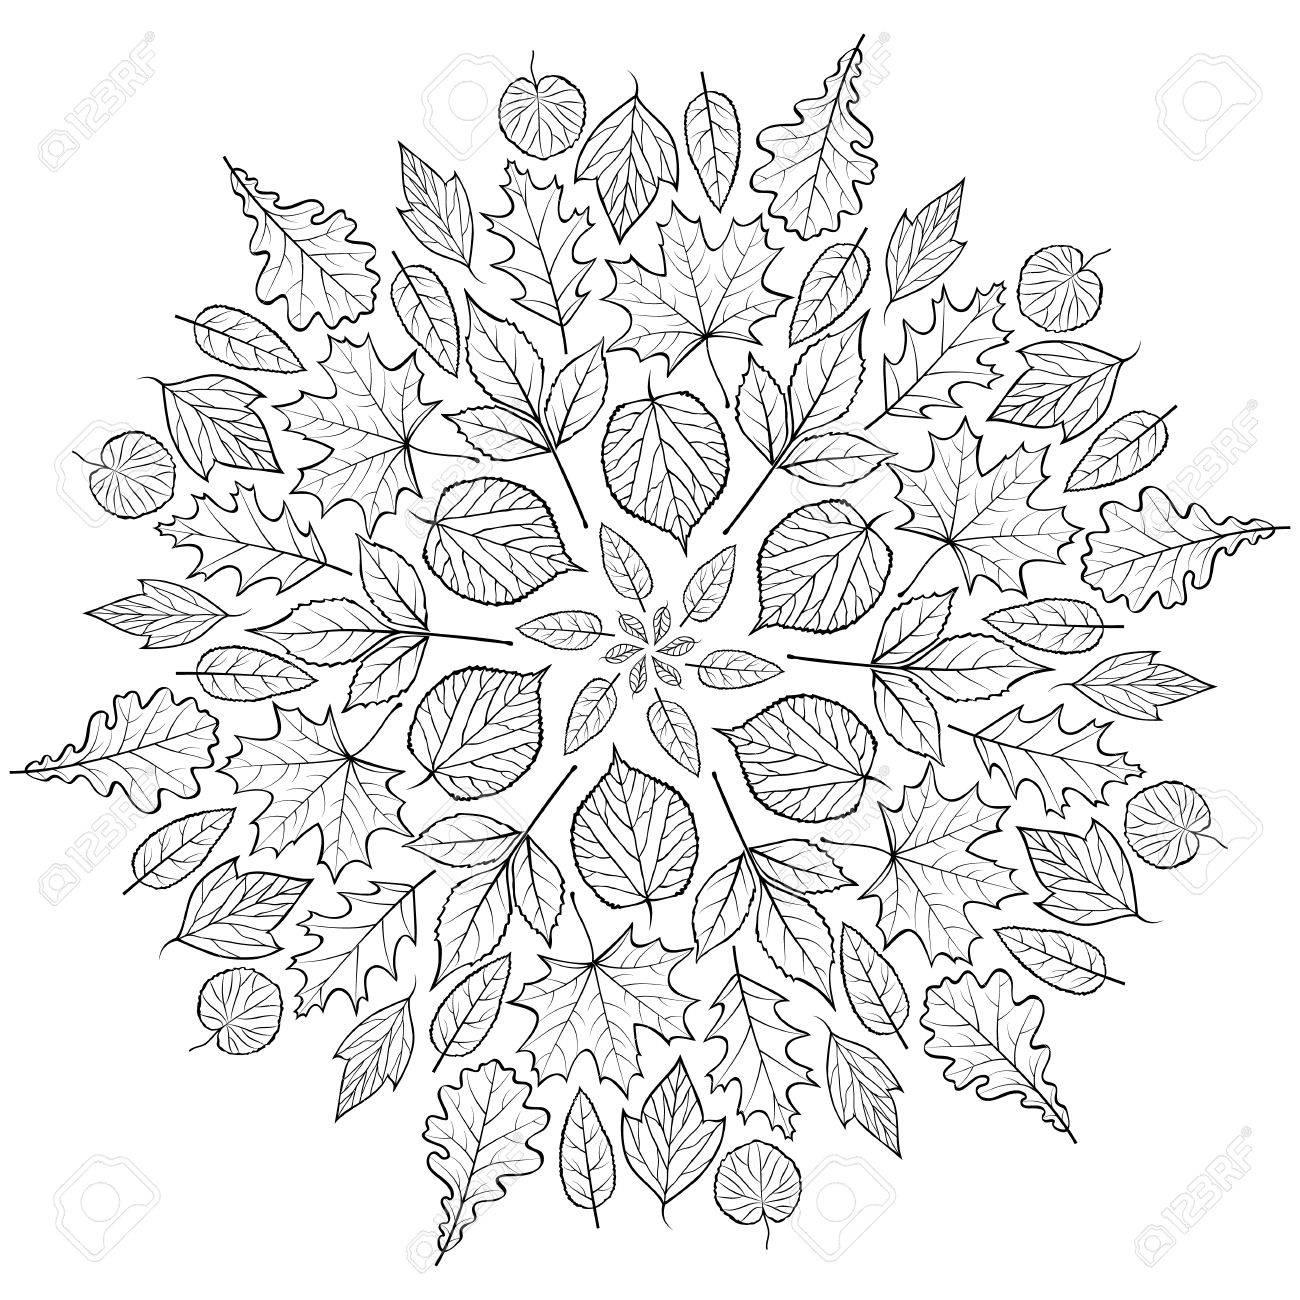 Herbst Mandala Mit Herbstlaub Auf Weißem Hintergrund . Malvorlage